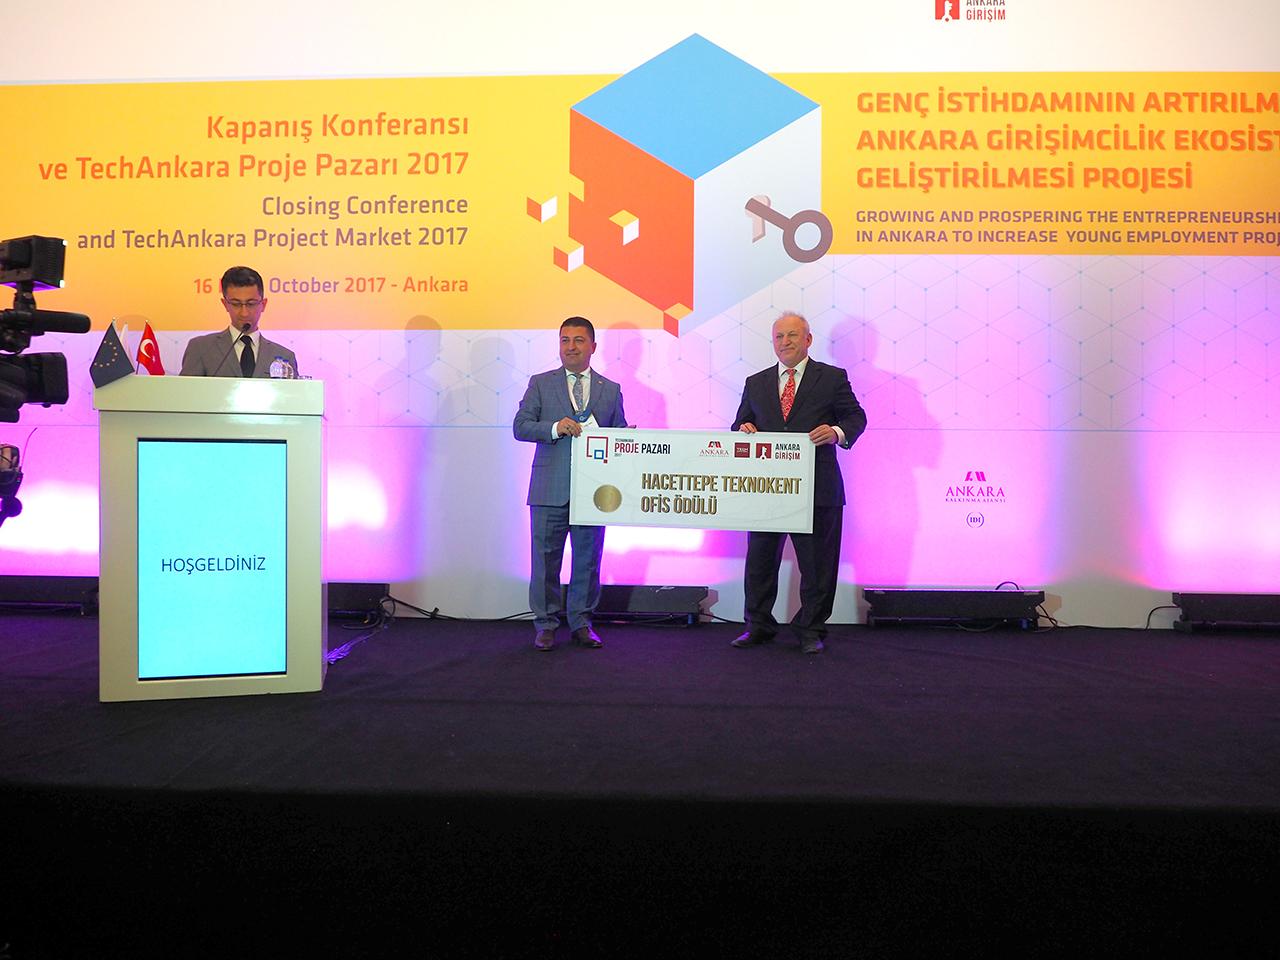 Tech Ankara Proje Pazarı